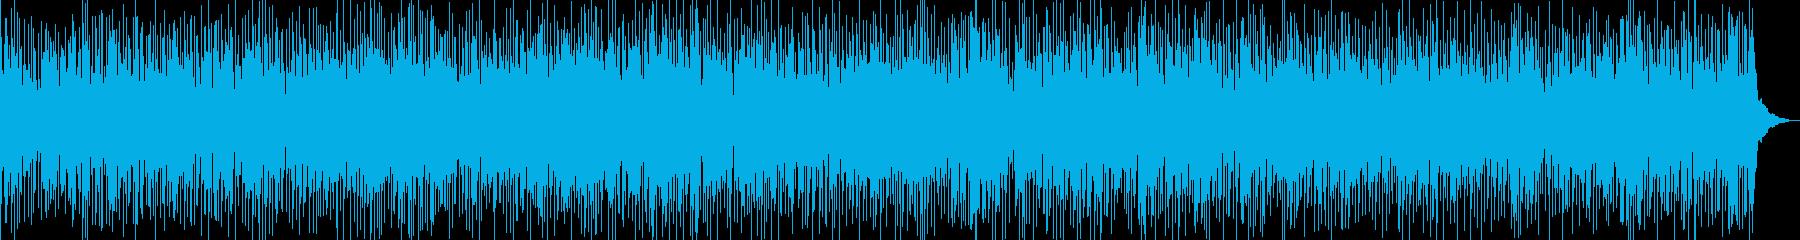 アコギが爽やかな夏のイメージのBGMの再生済みの波形